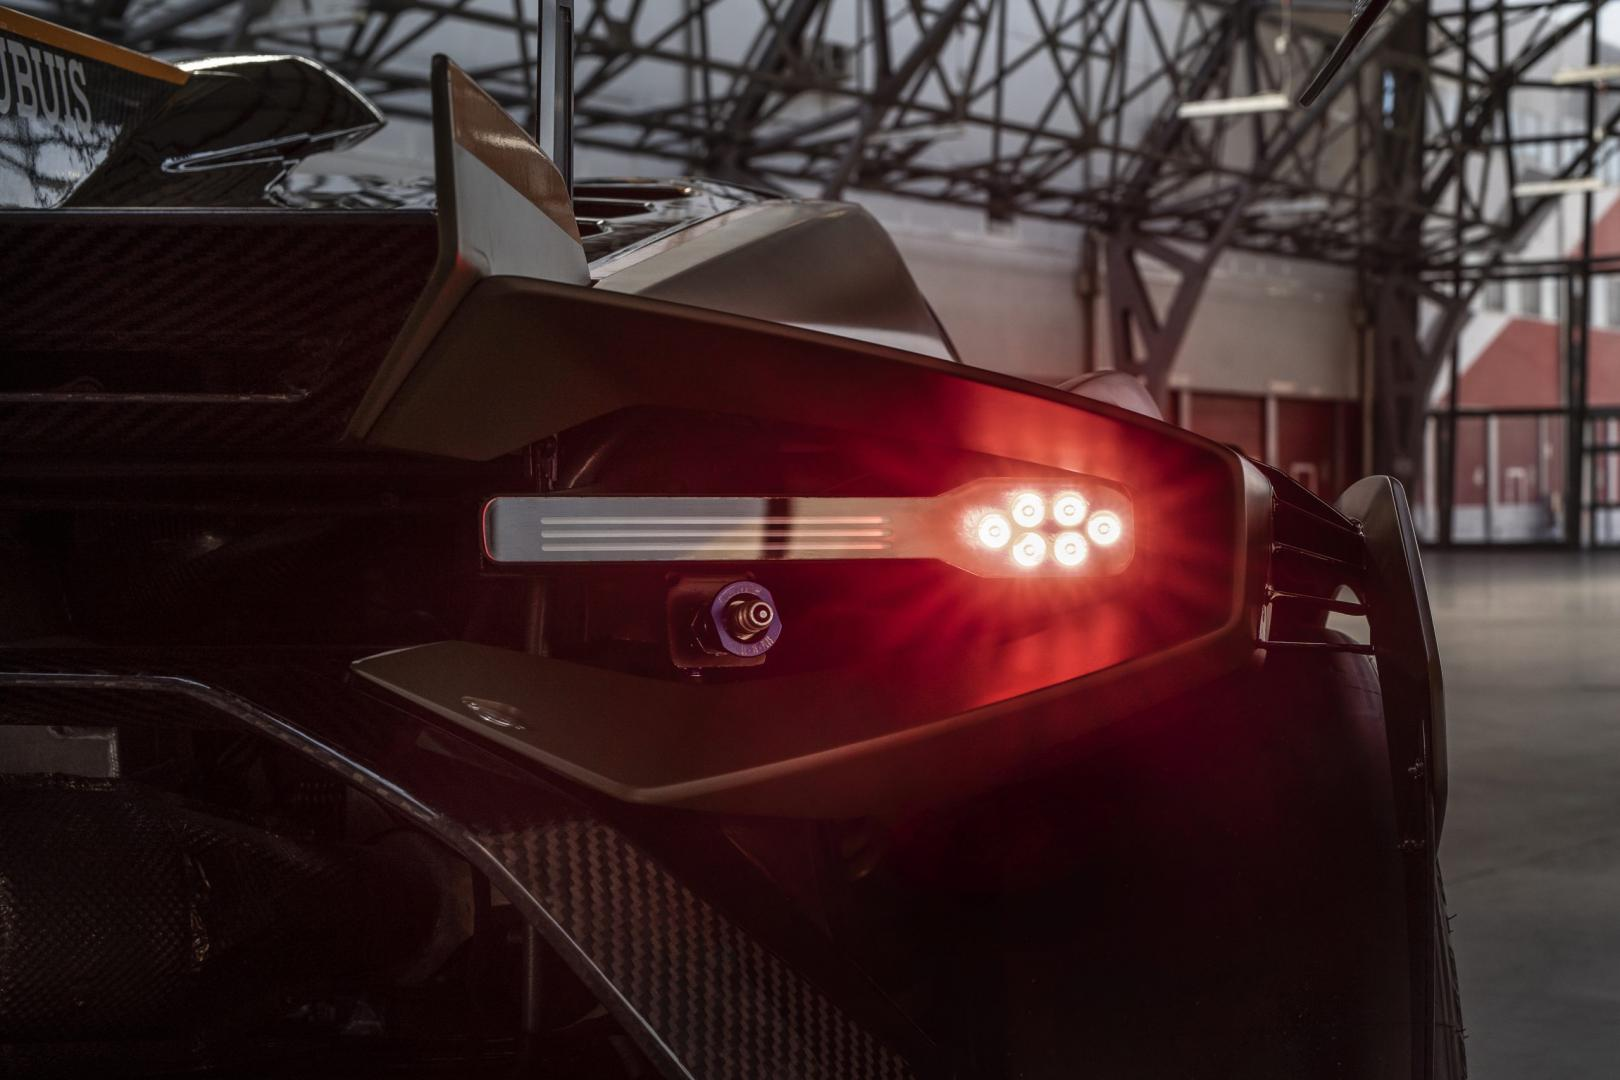 Countach-achterlichten op de Lamborghini Huracán Super Trofeo Evo2